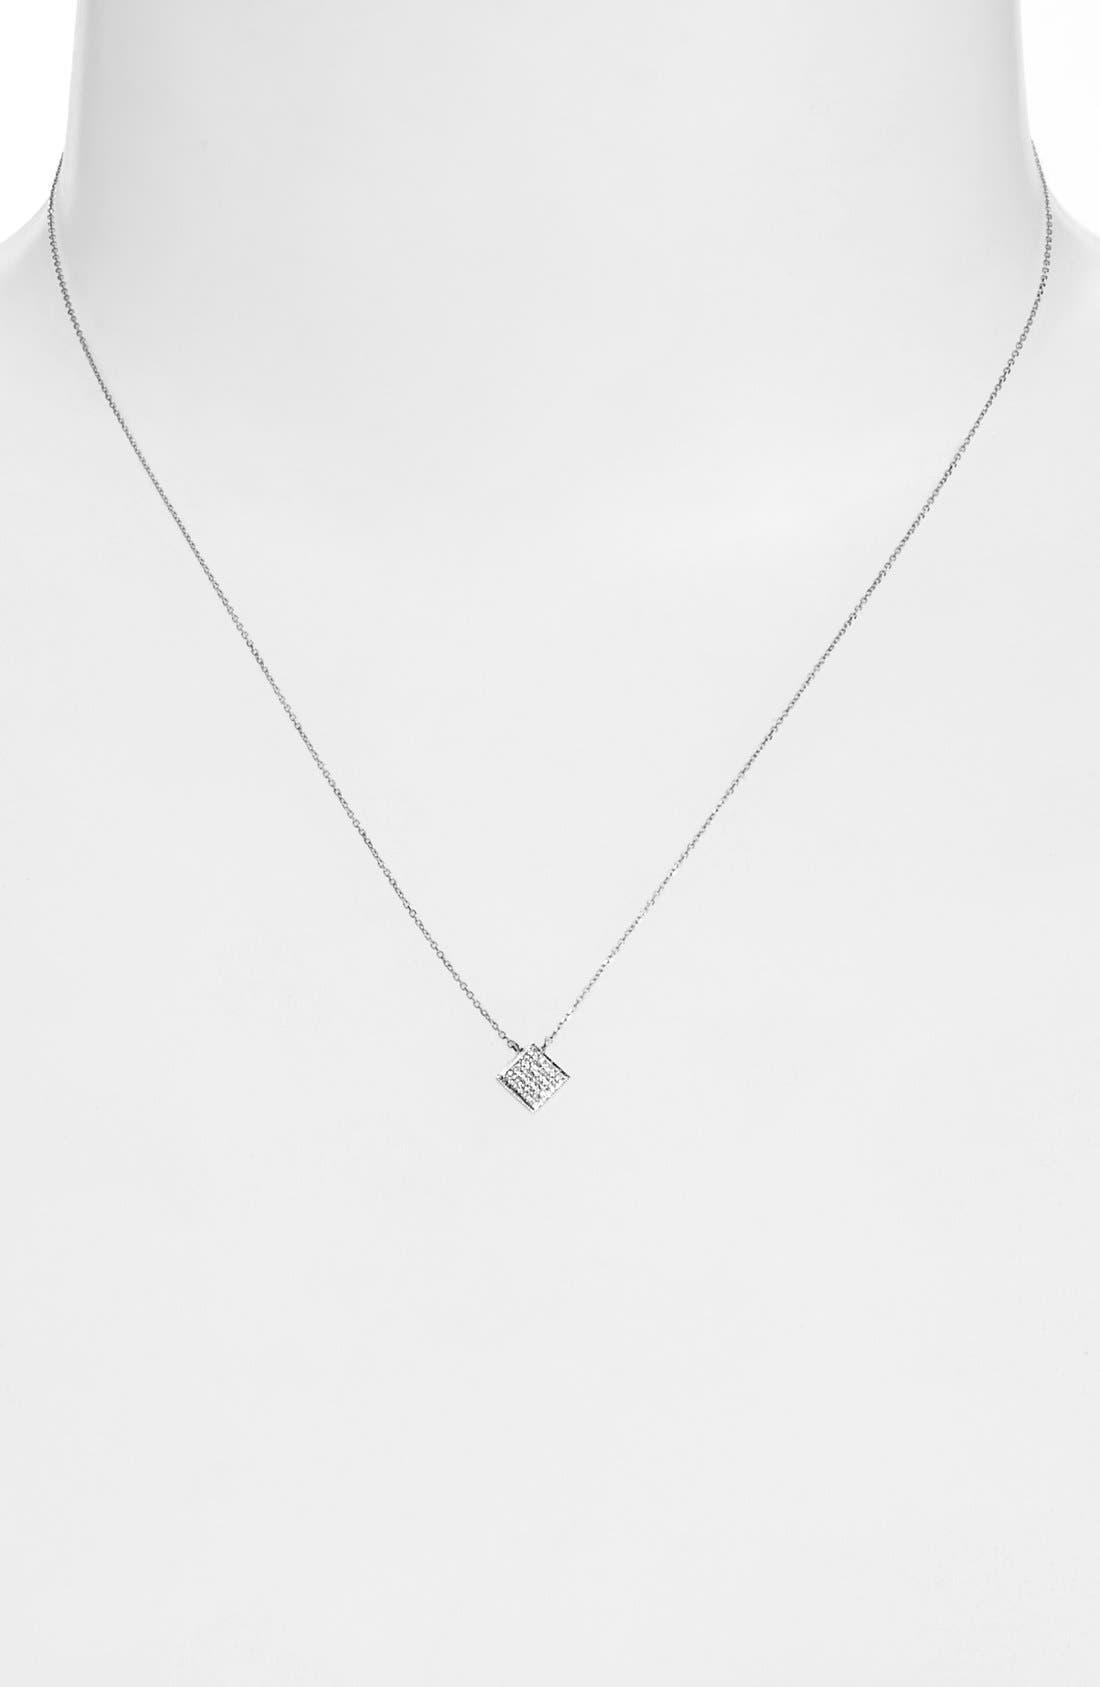 'Lisa Michelle' Diamond Pavé Square Pendant Necklace,                             Alternate thumbnail 2, color,                             White Gold